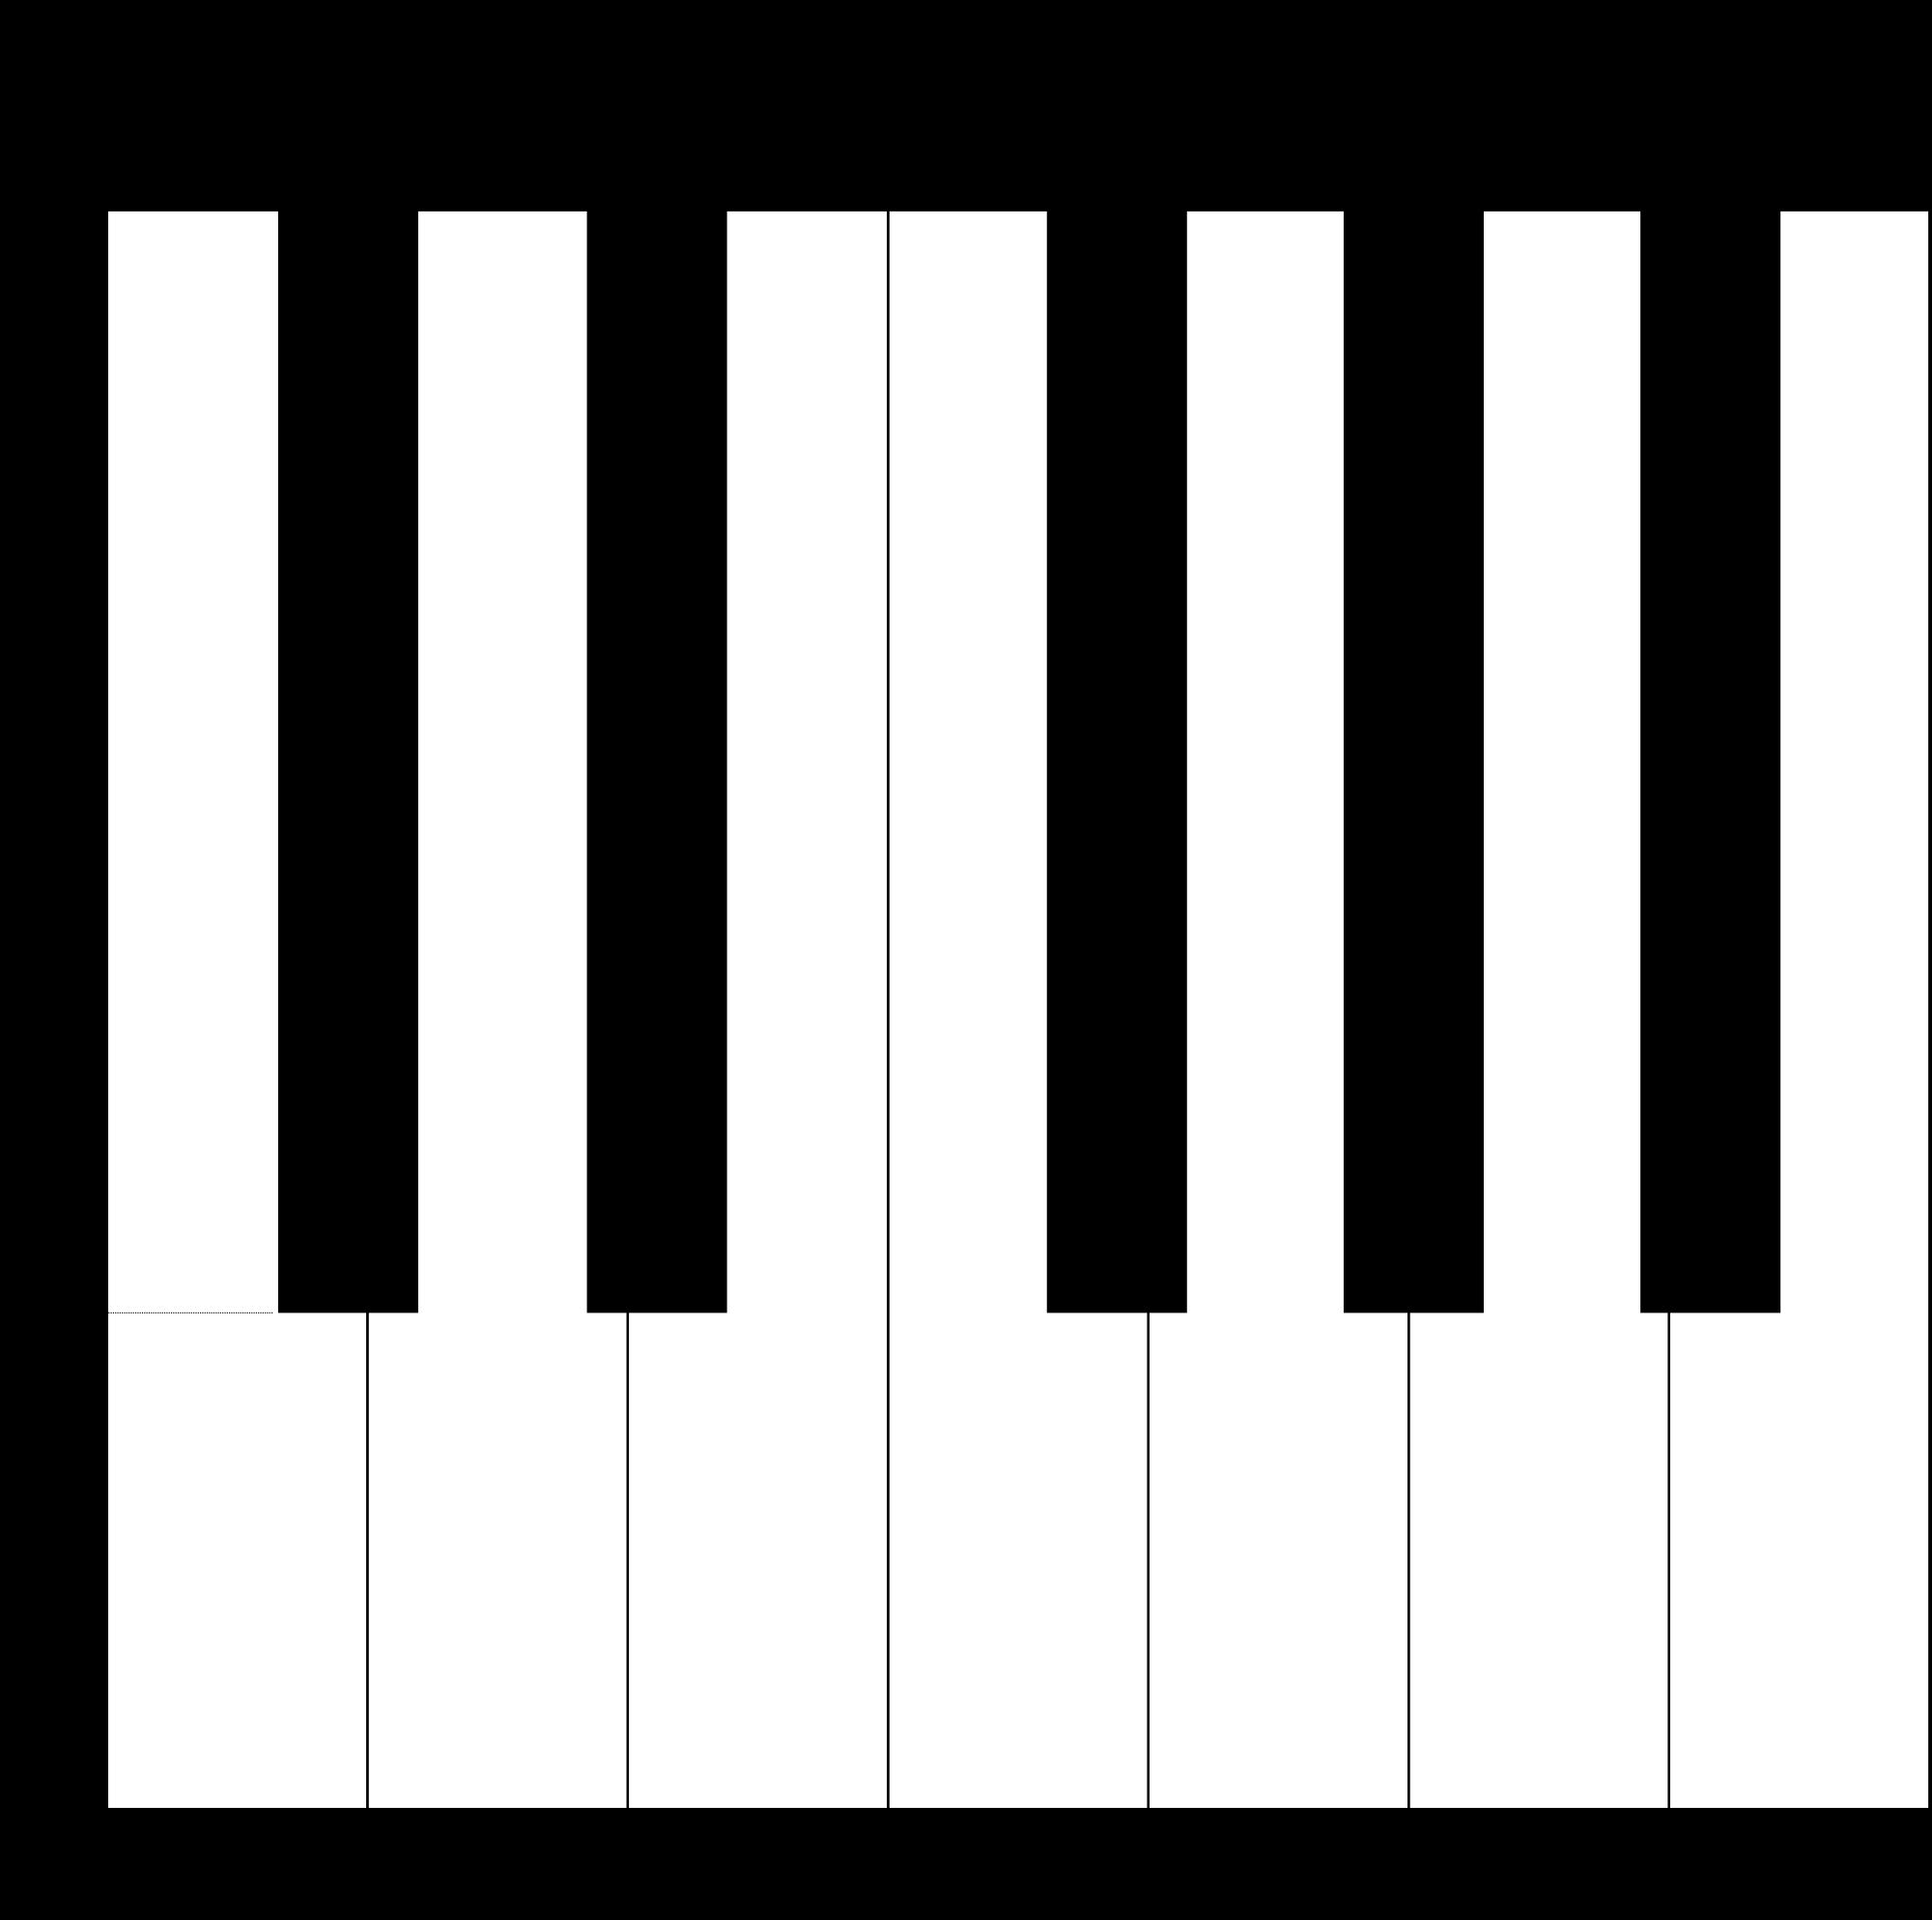 klaviatur   clipart best